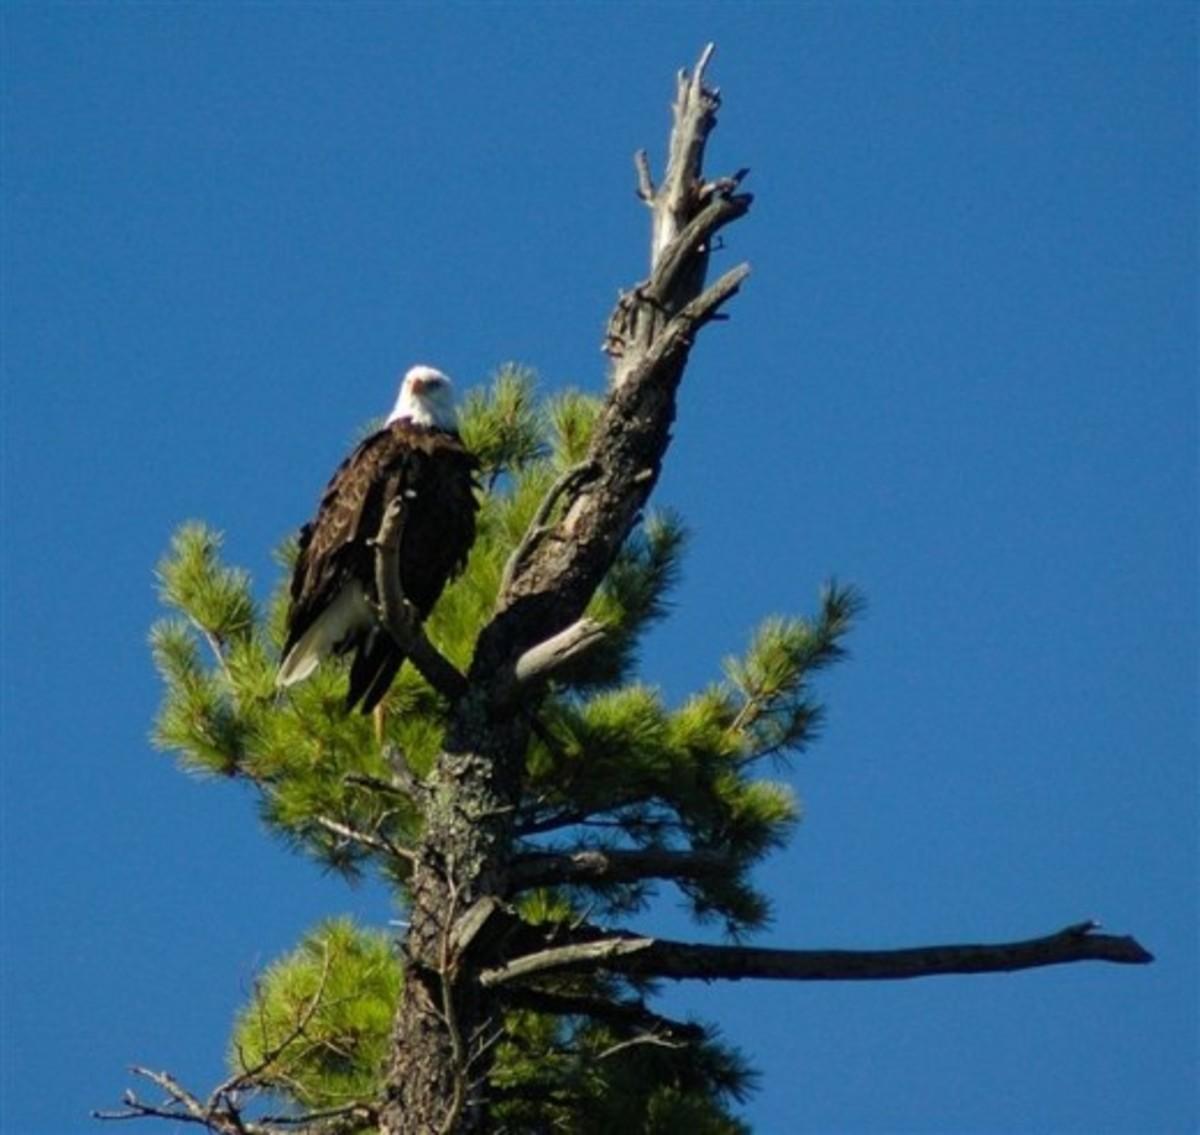 Eagle photo courtesy of Voyageurs National Park